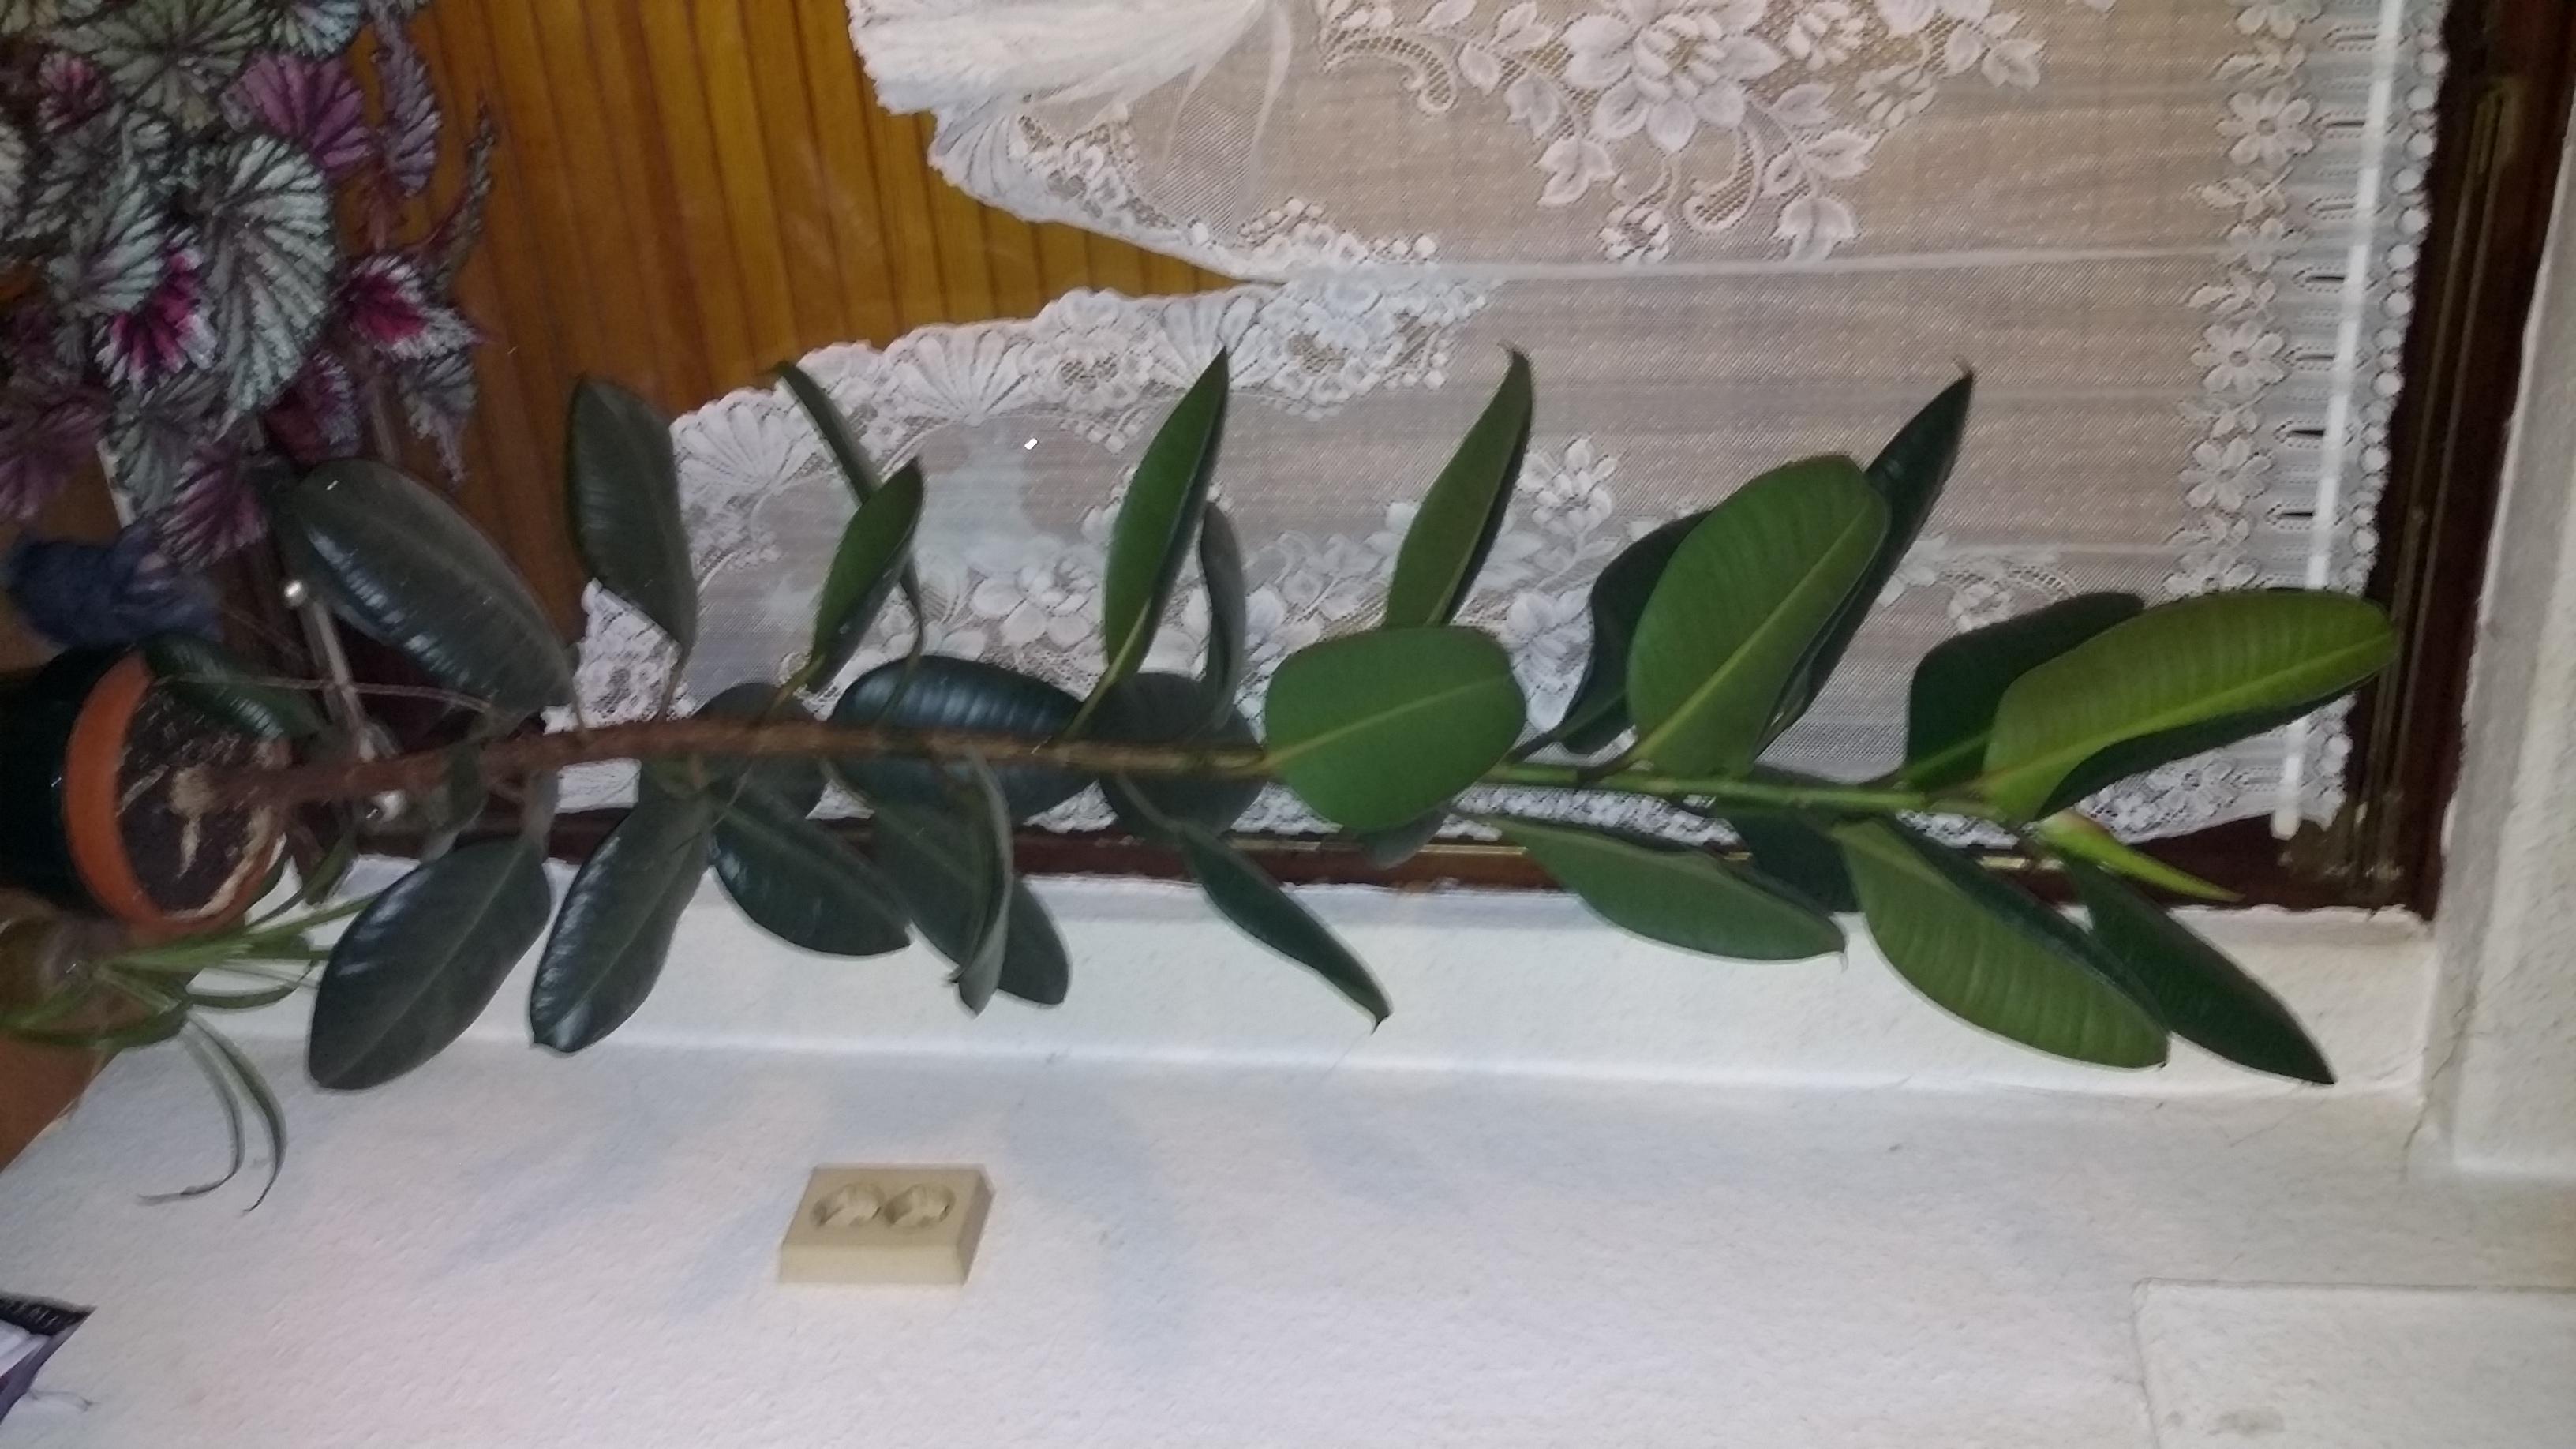 Mein Gummibaum Ist Ein Langweiler Pflanzen Zimmerpflanzen